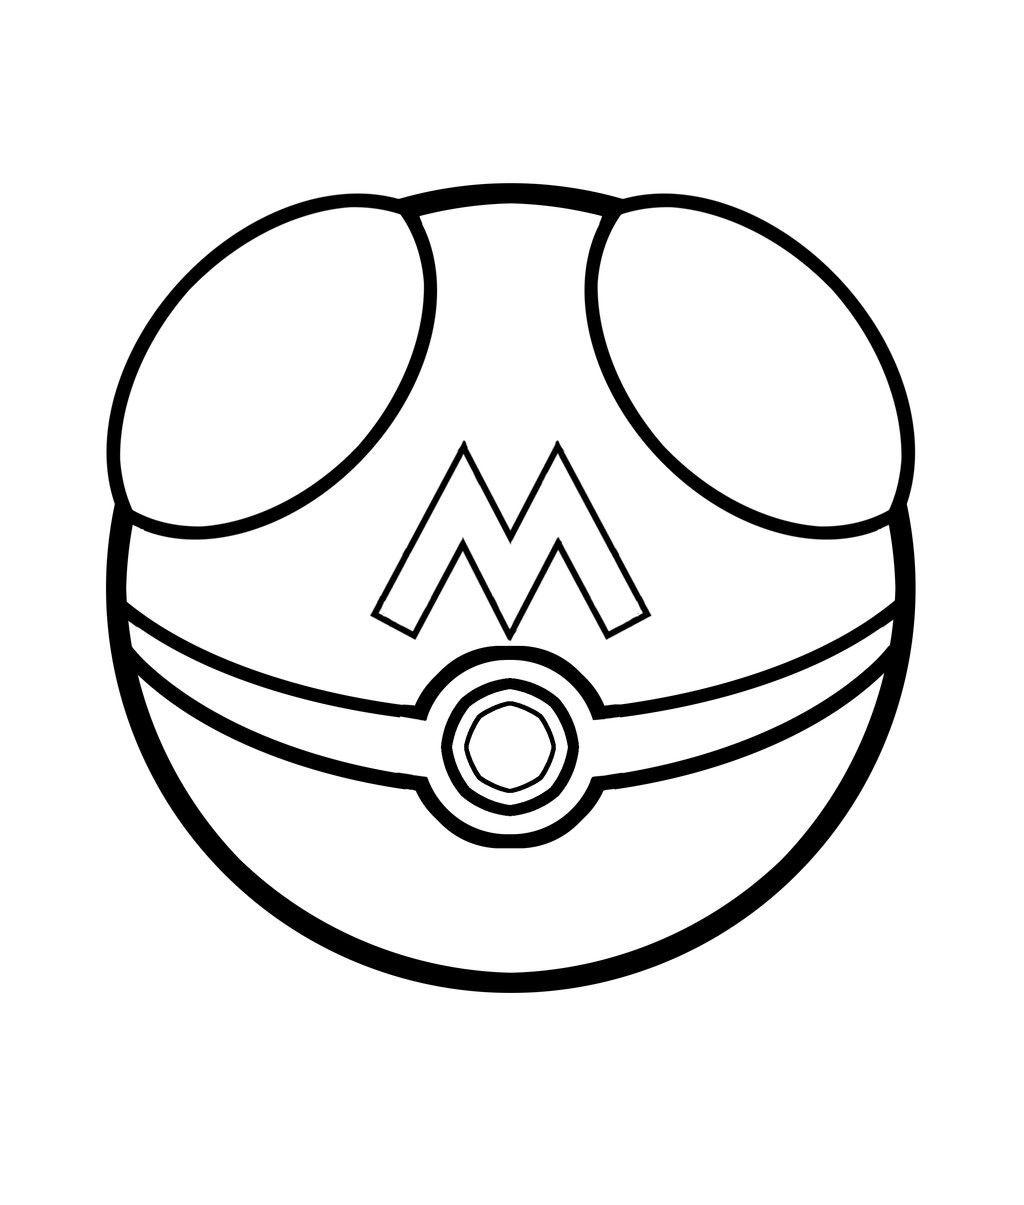 Tranh tô màu bóng bắt pokemon